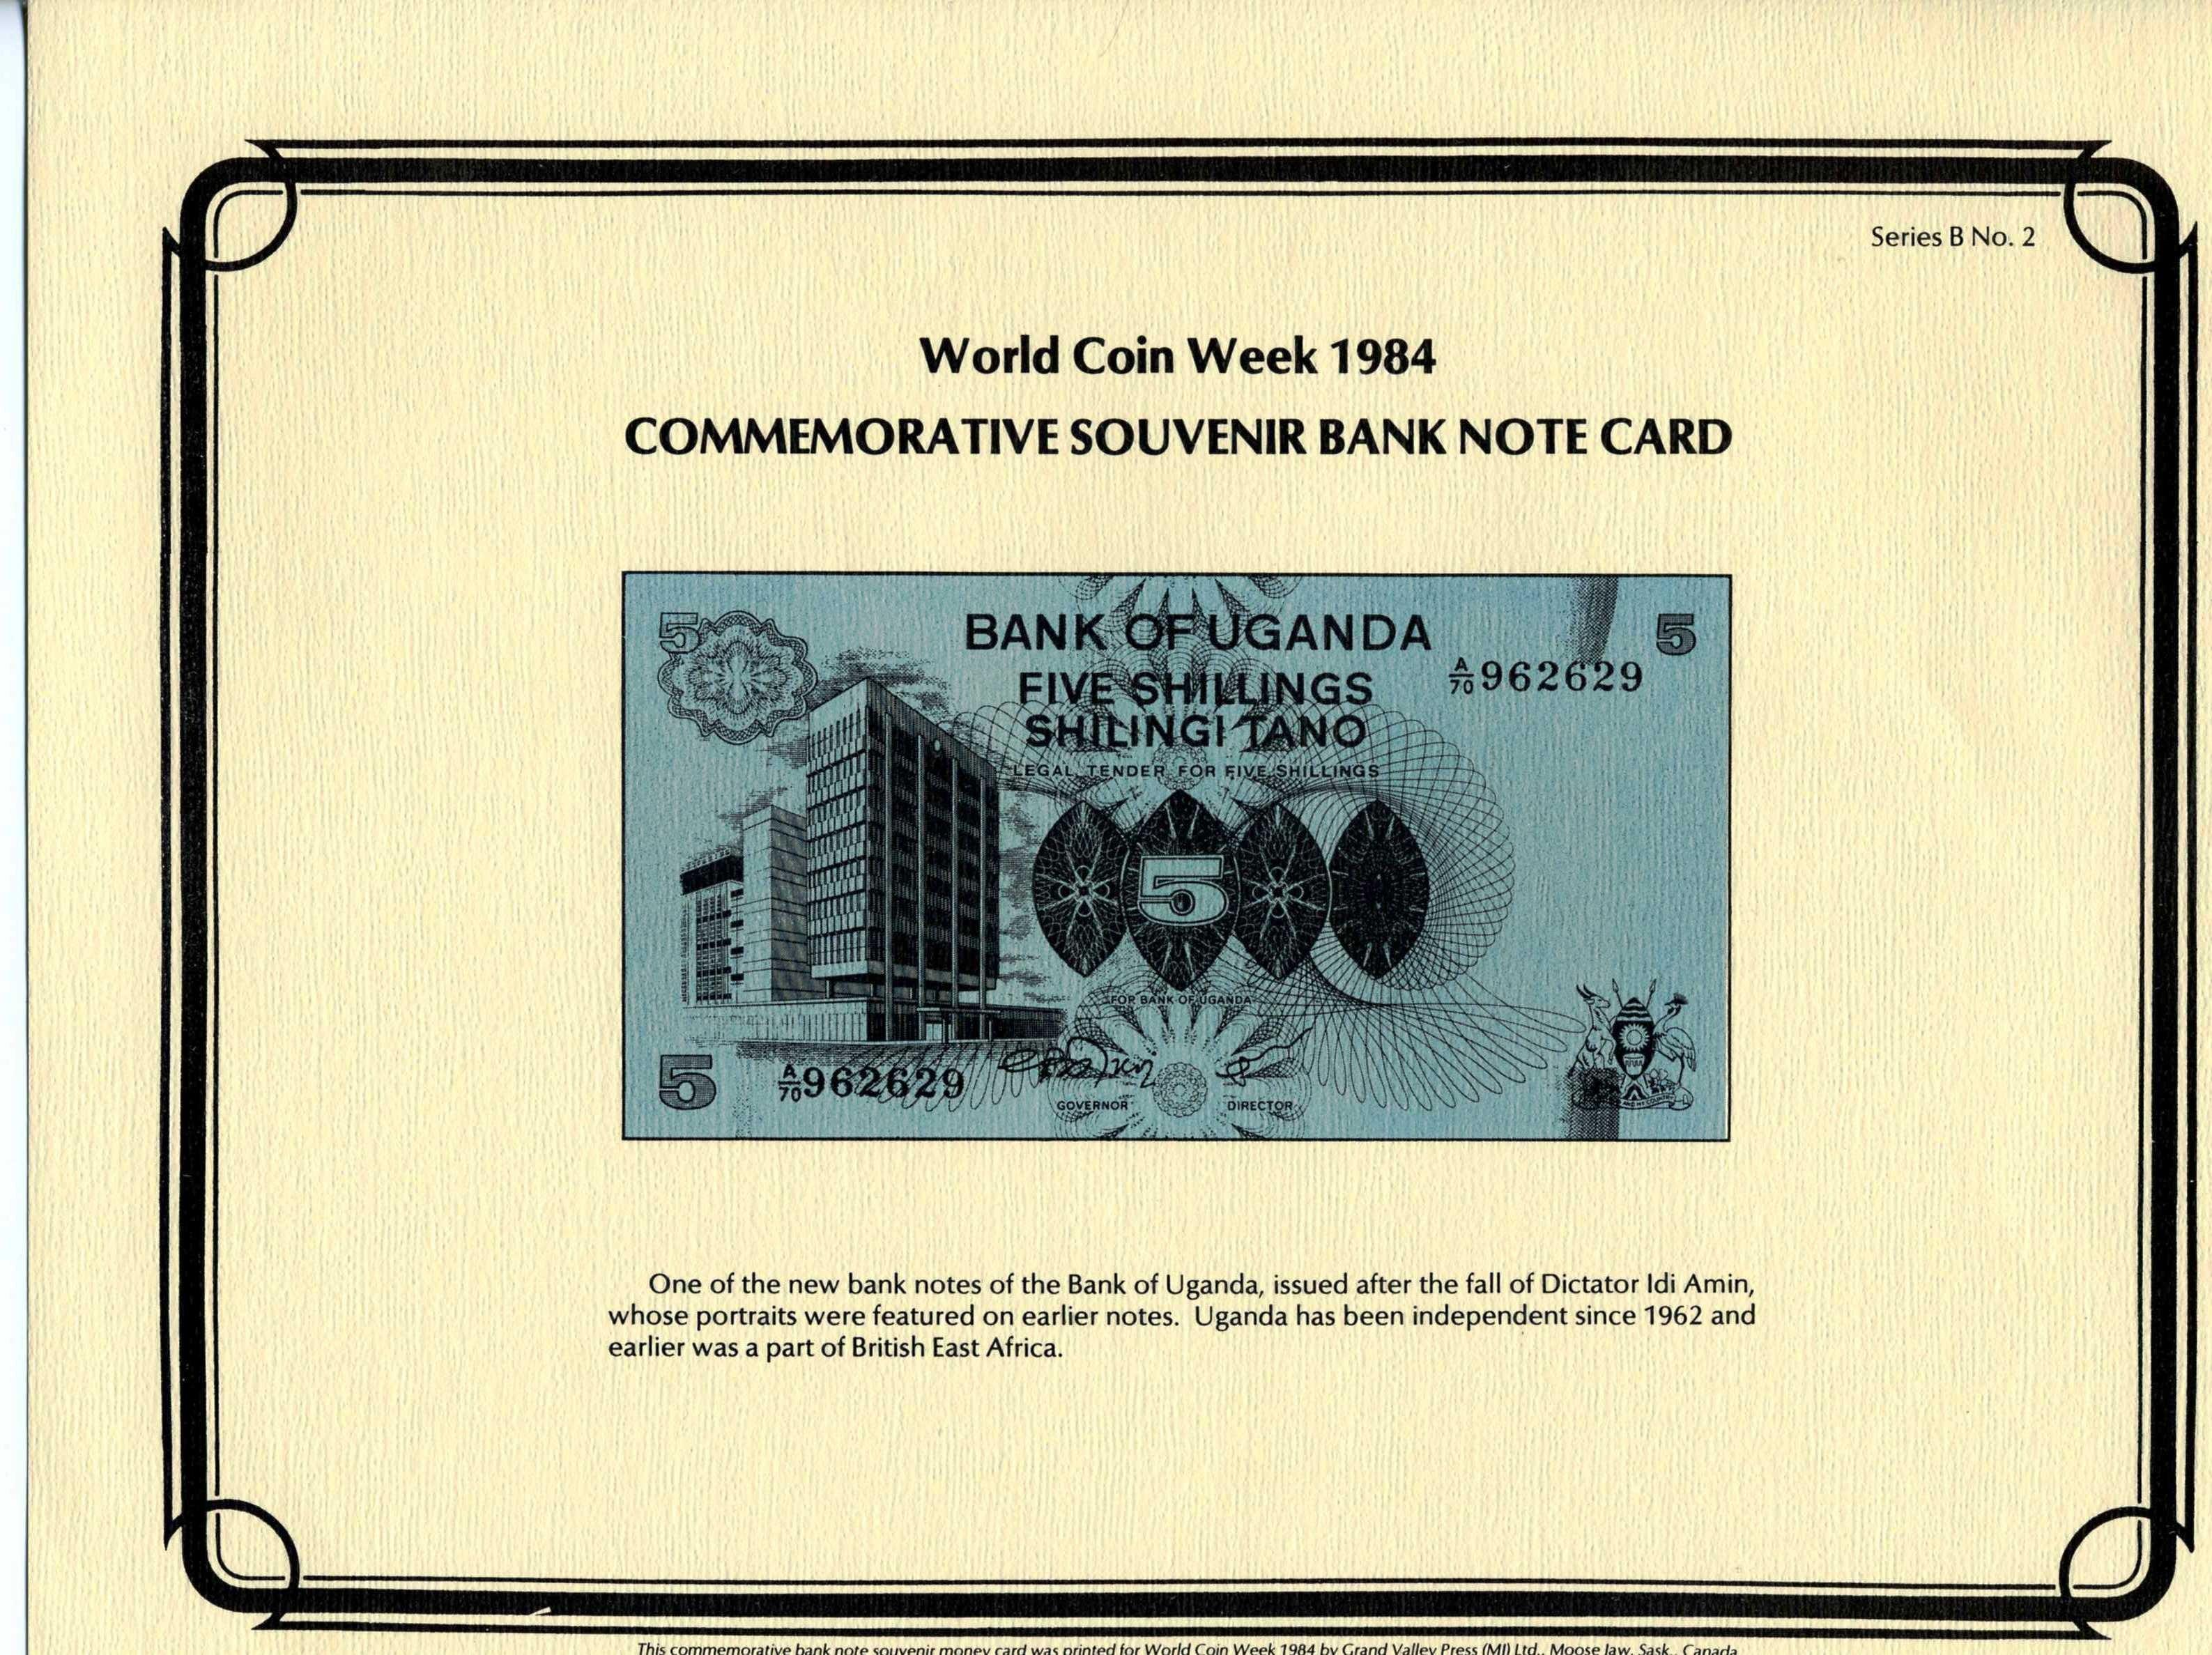 card_WCW1984_B2.jpg